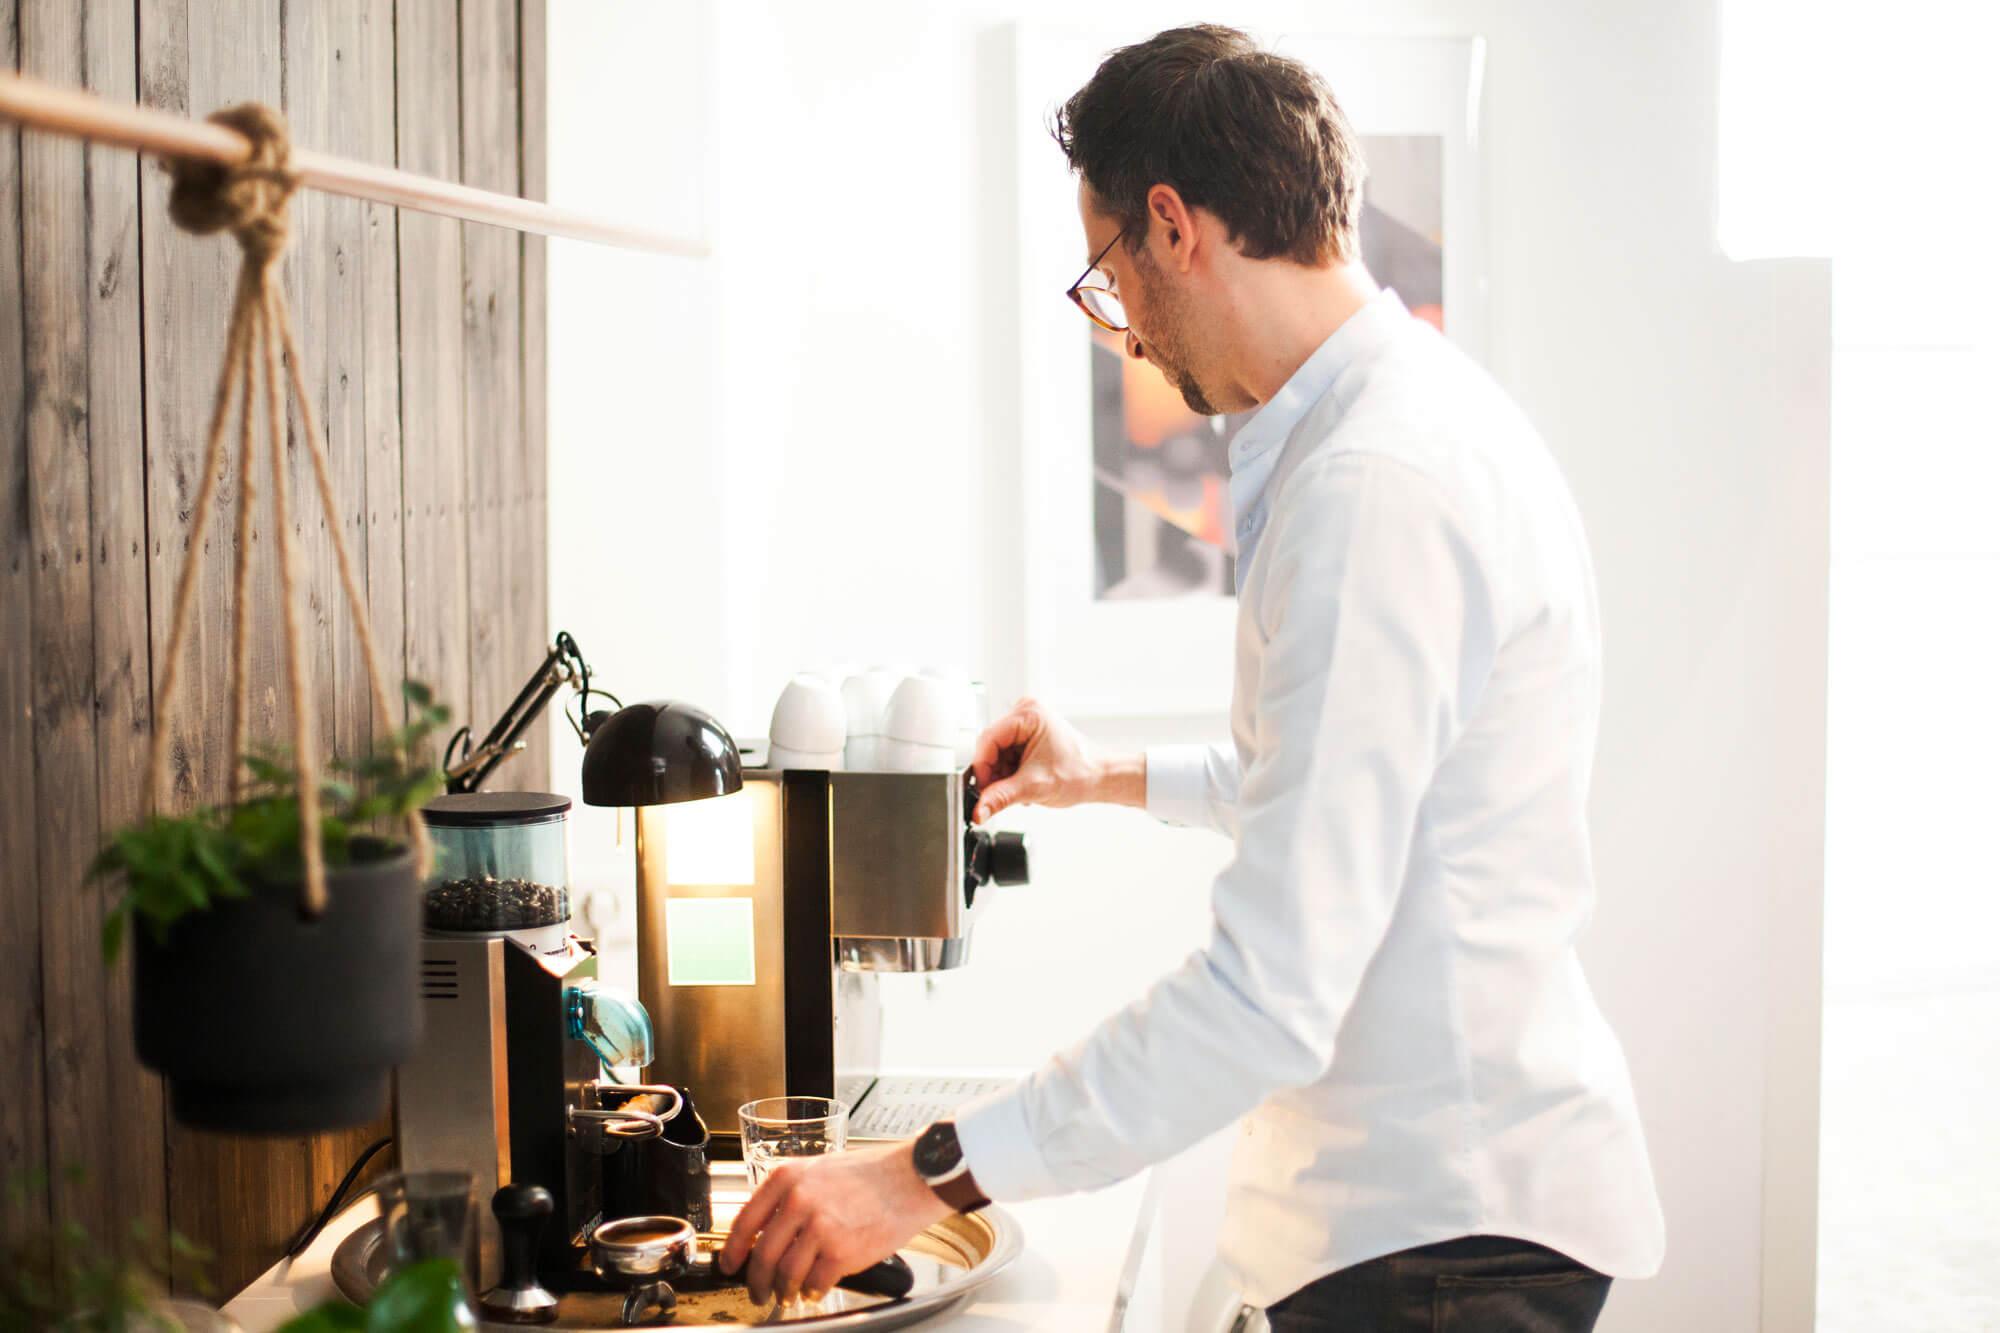 Joris zet een bakje koffie